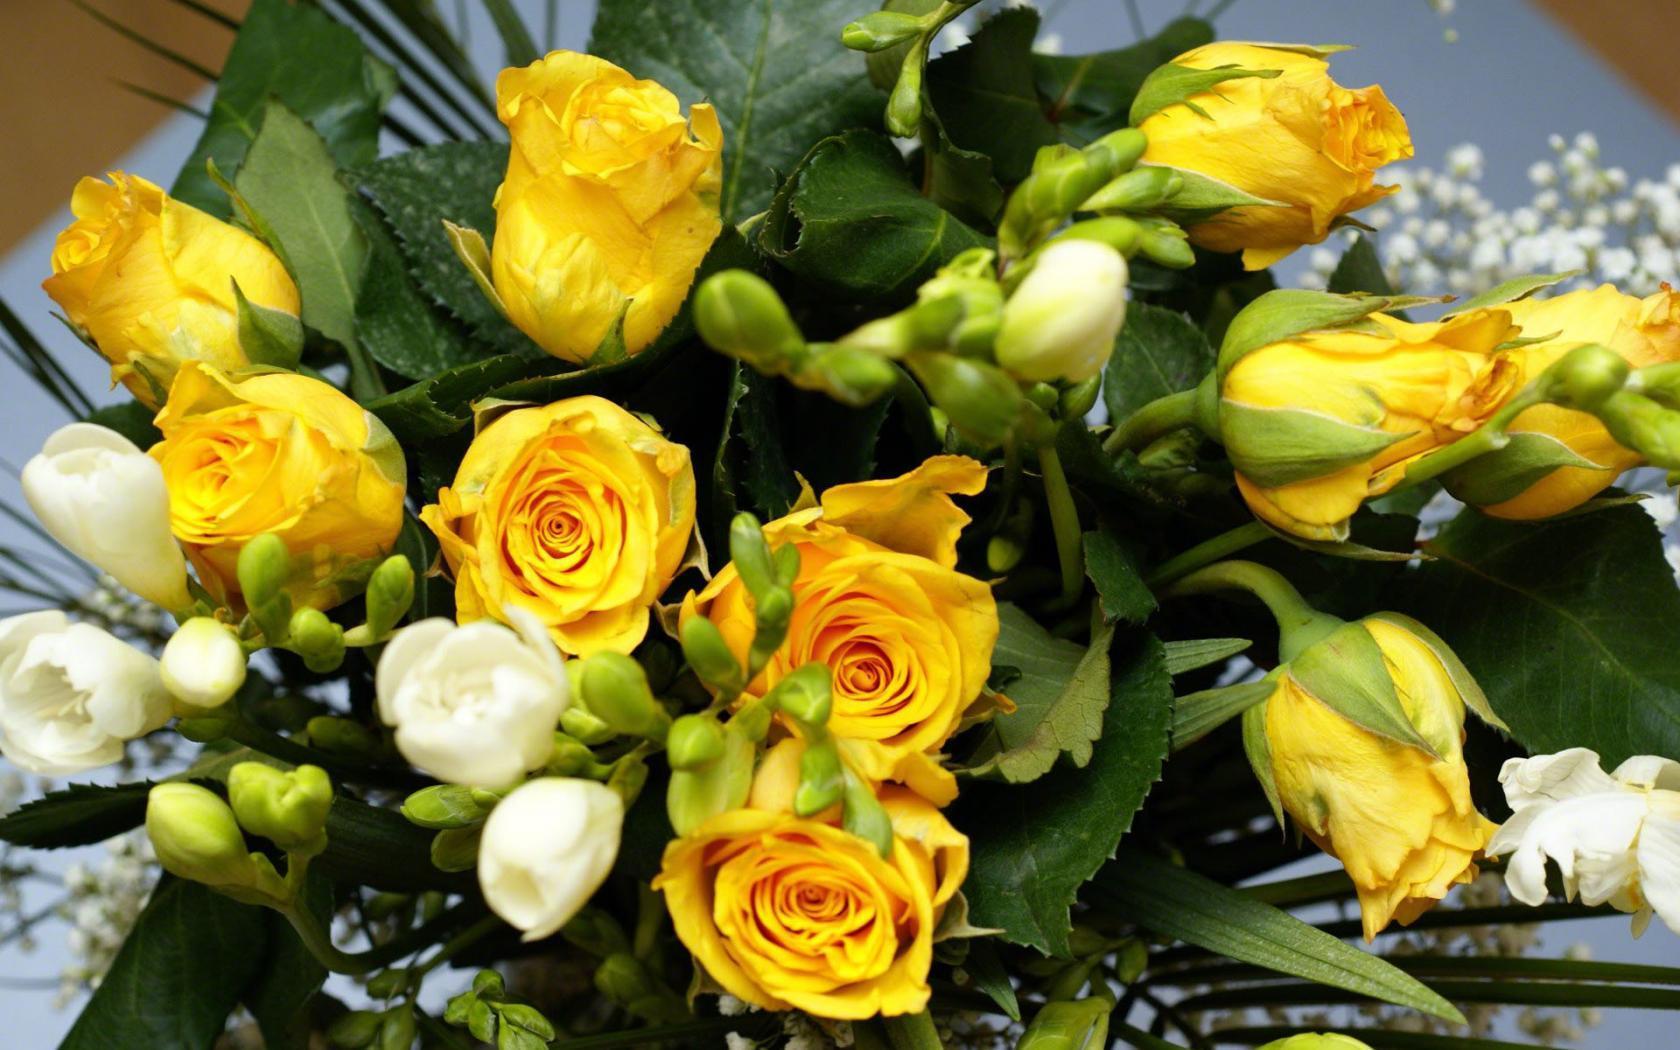 Природа пейзаж цветы розы желтые